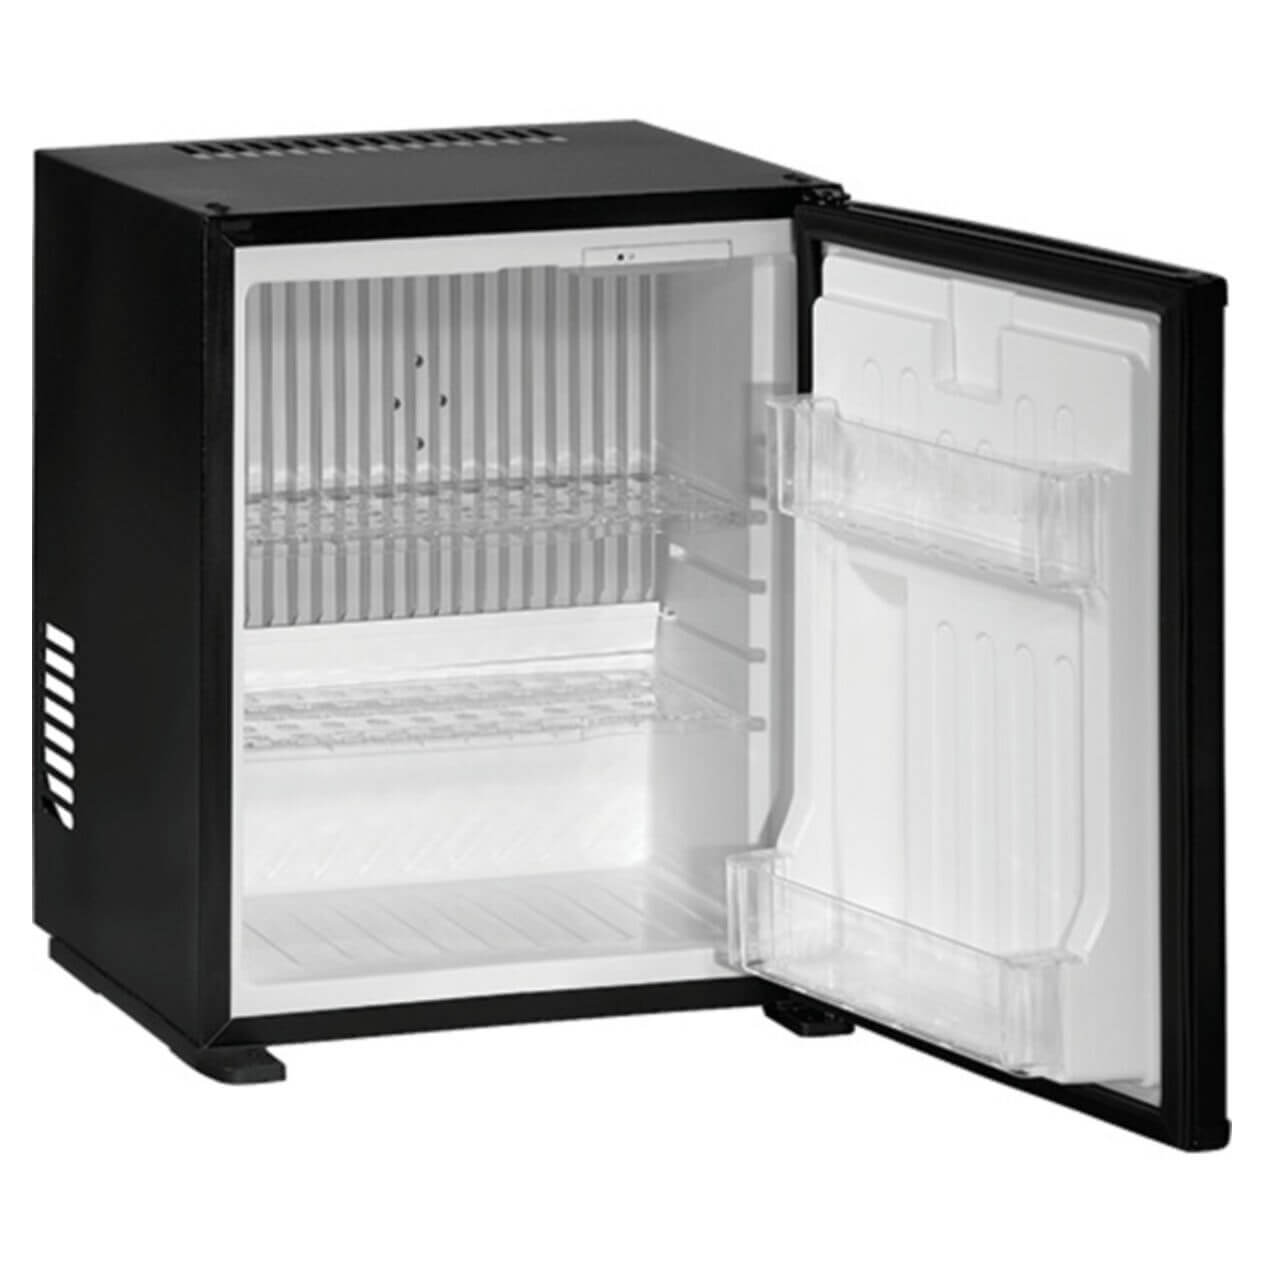 Lifetech LF-40 Siyah Blok Kapı buzdolabi